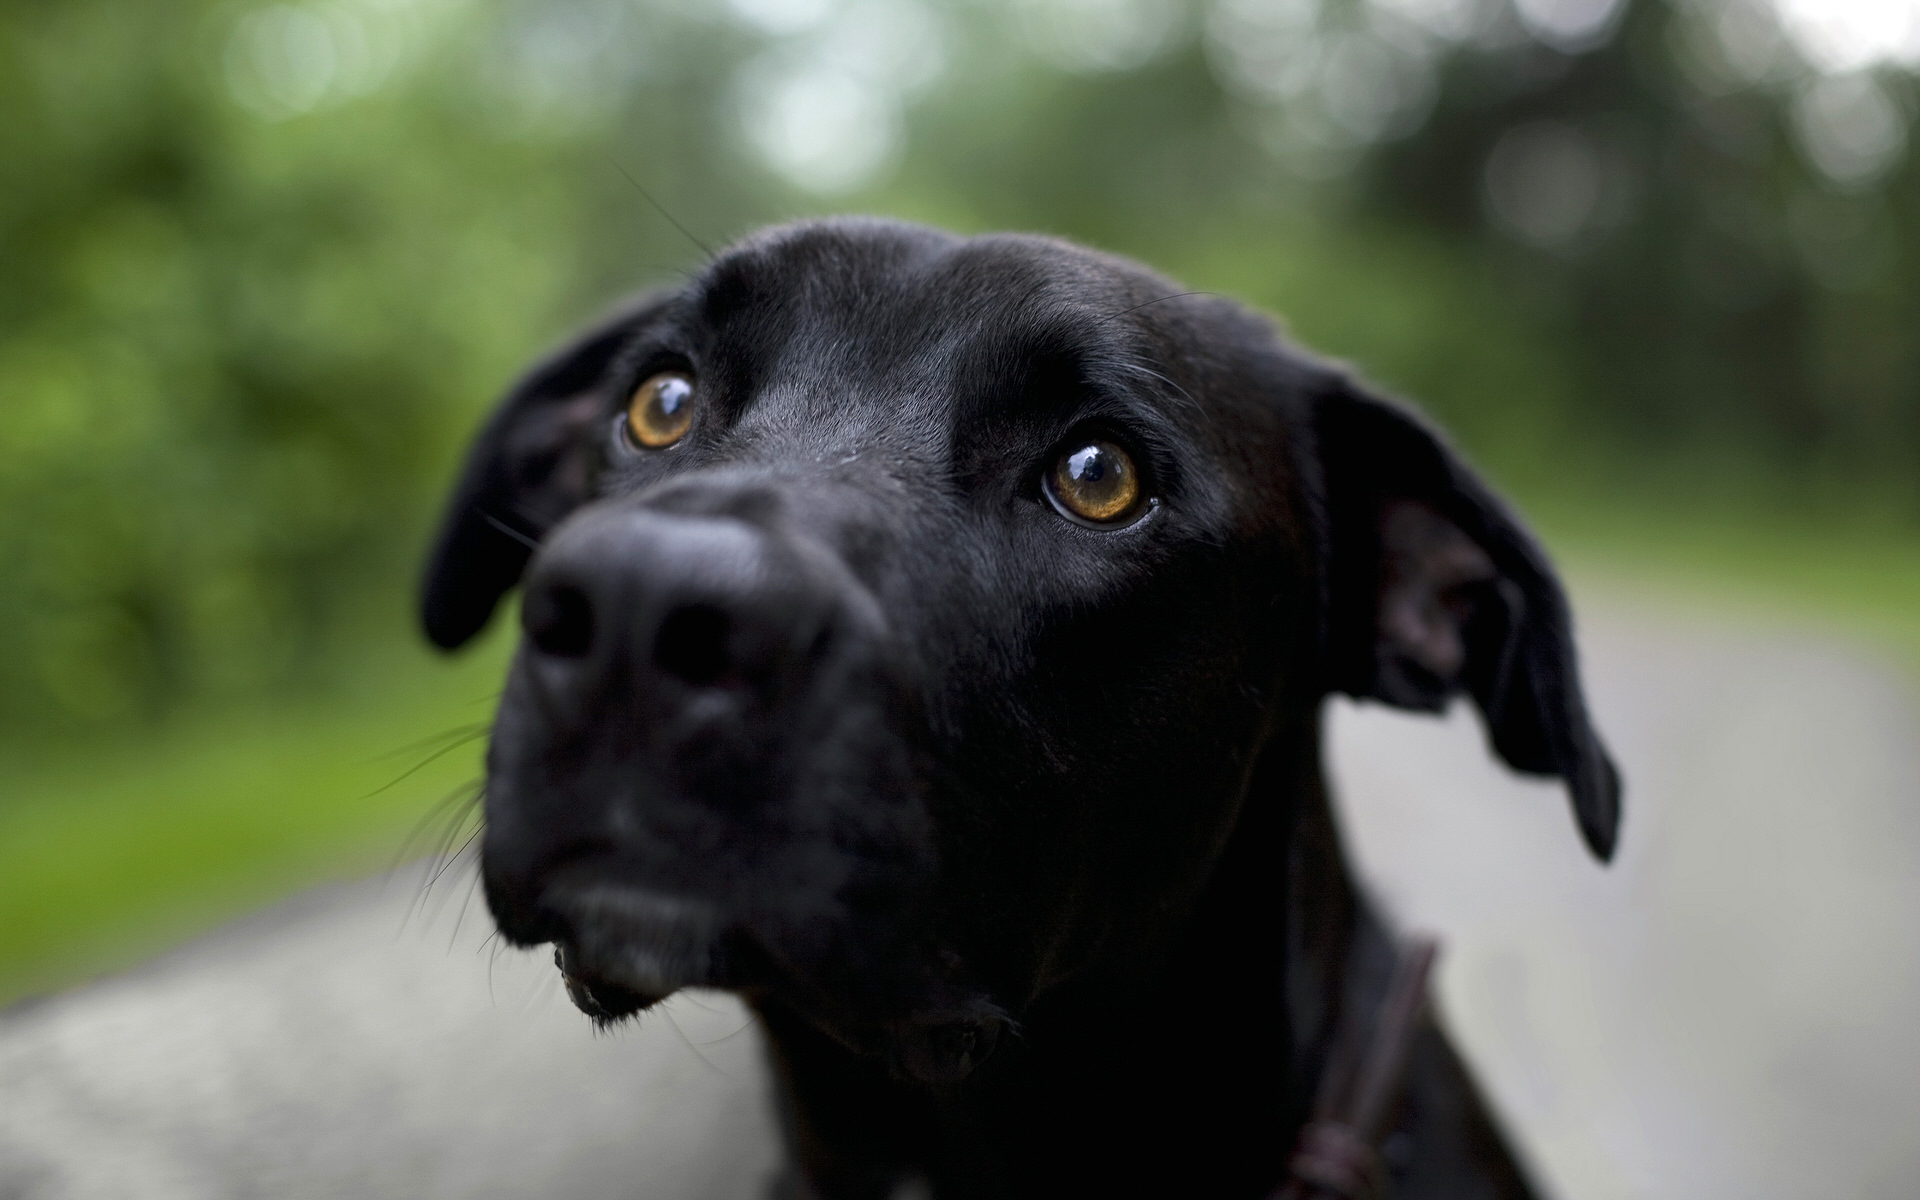 黑色狗高清壁纸